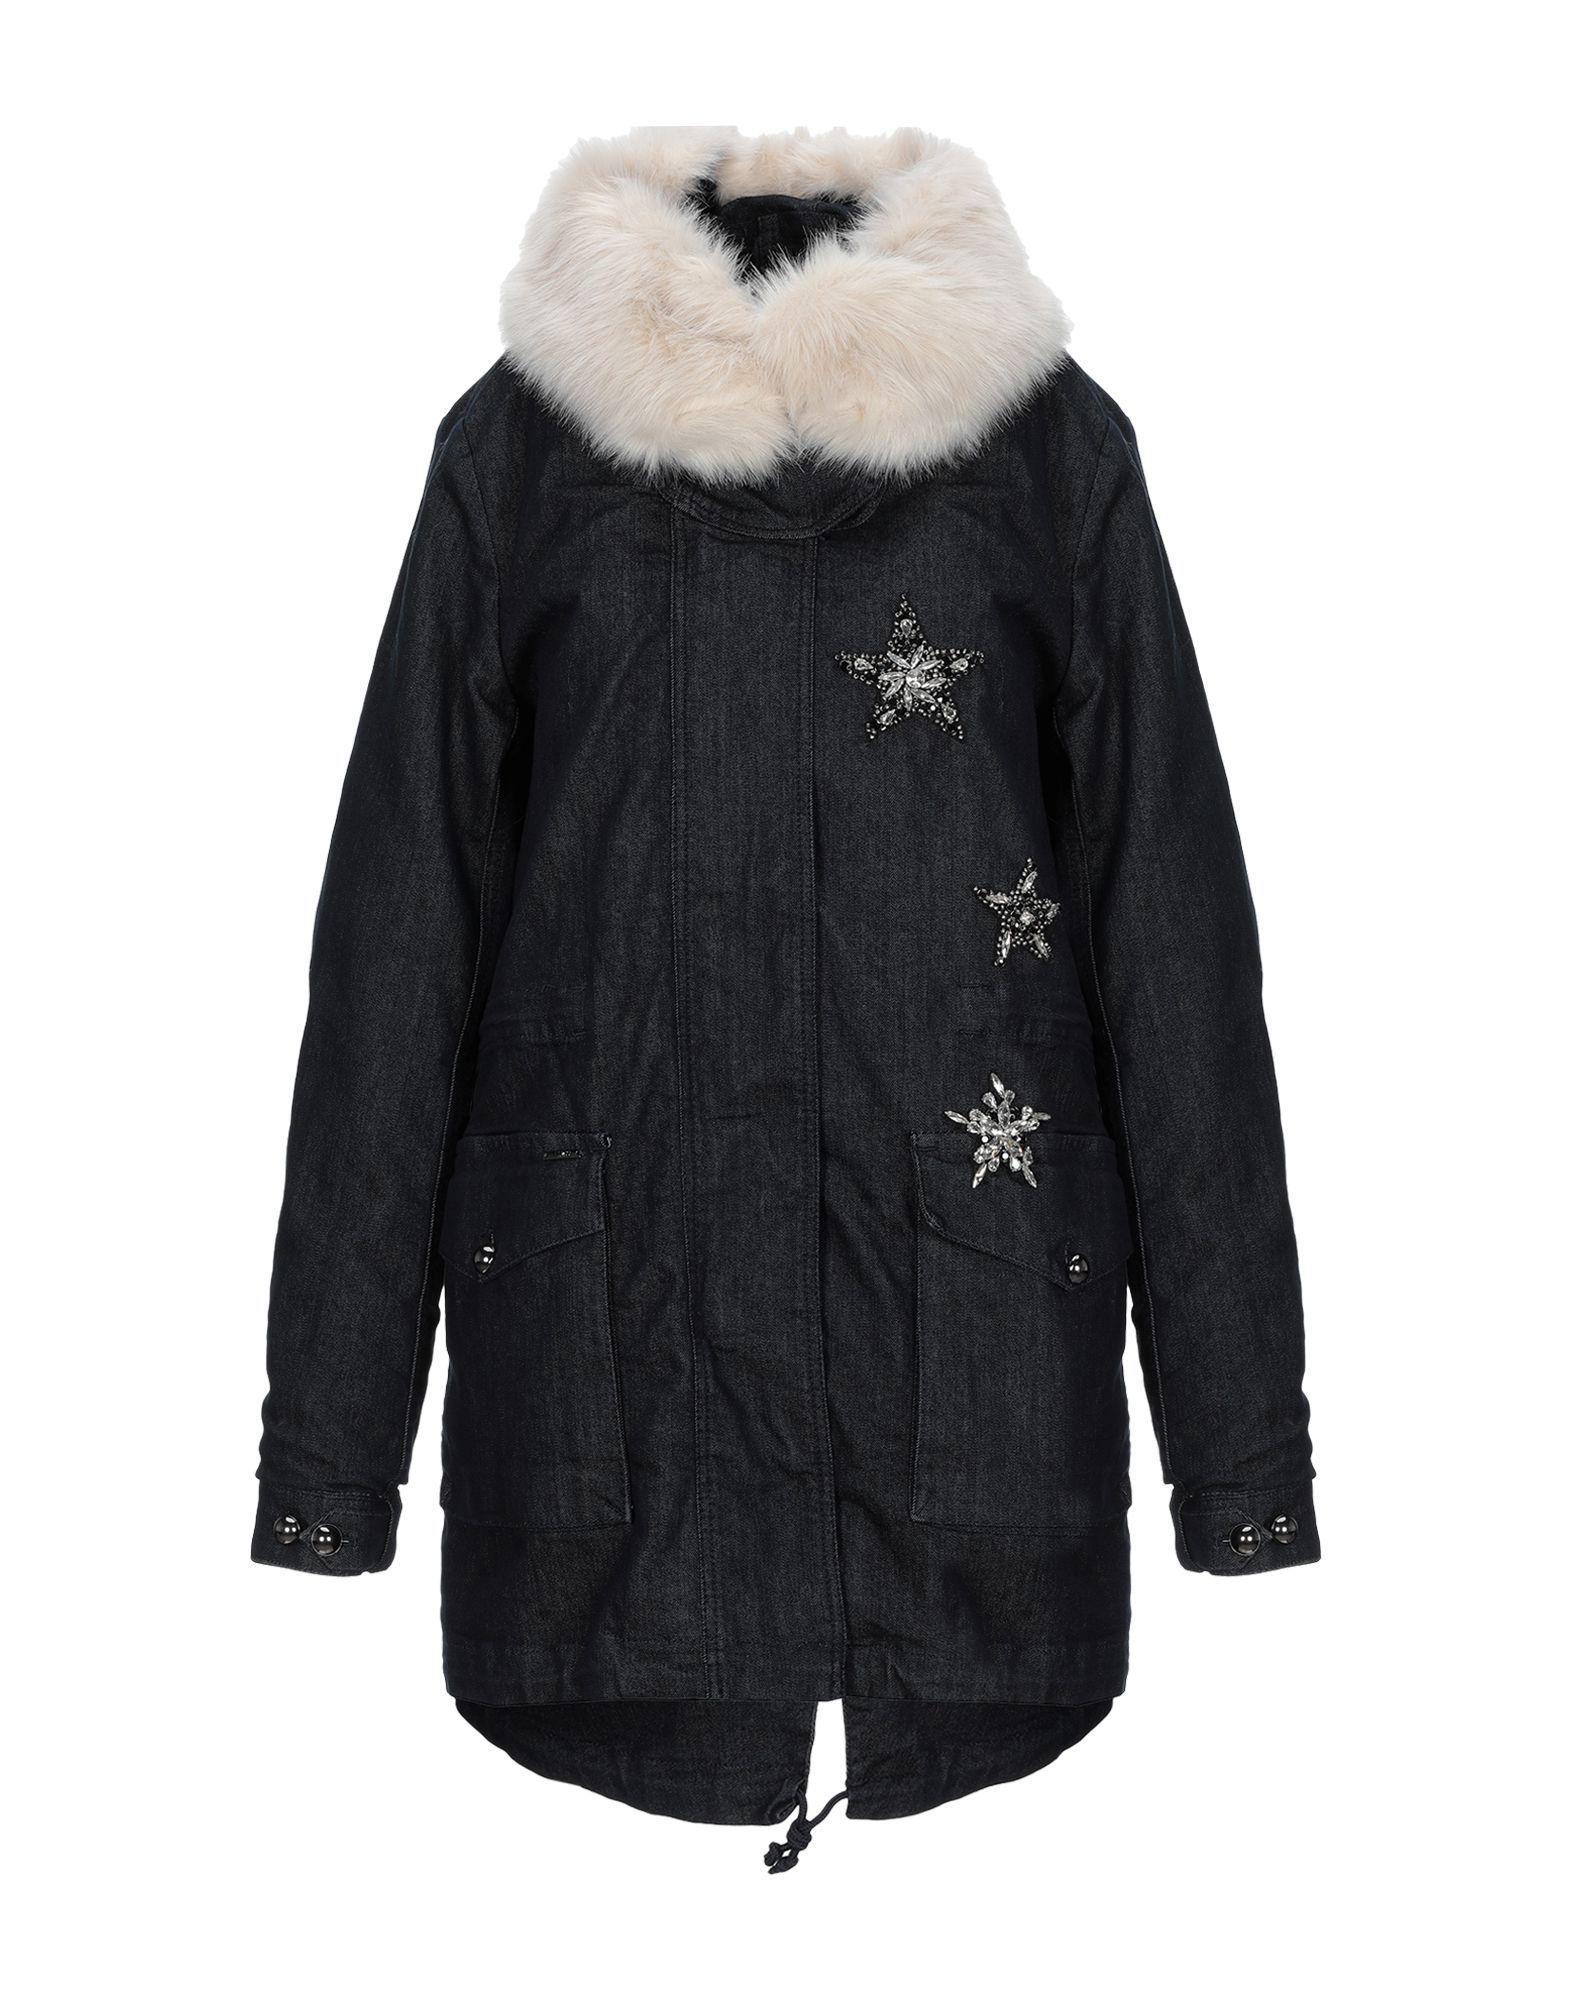 Liu Jo Blue Cotton Coat With Faux Fur Trim